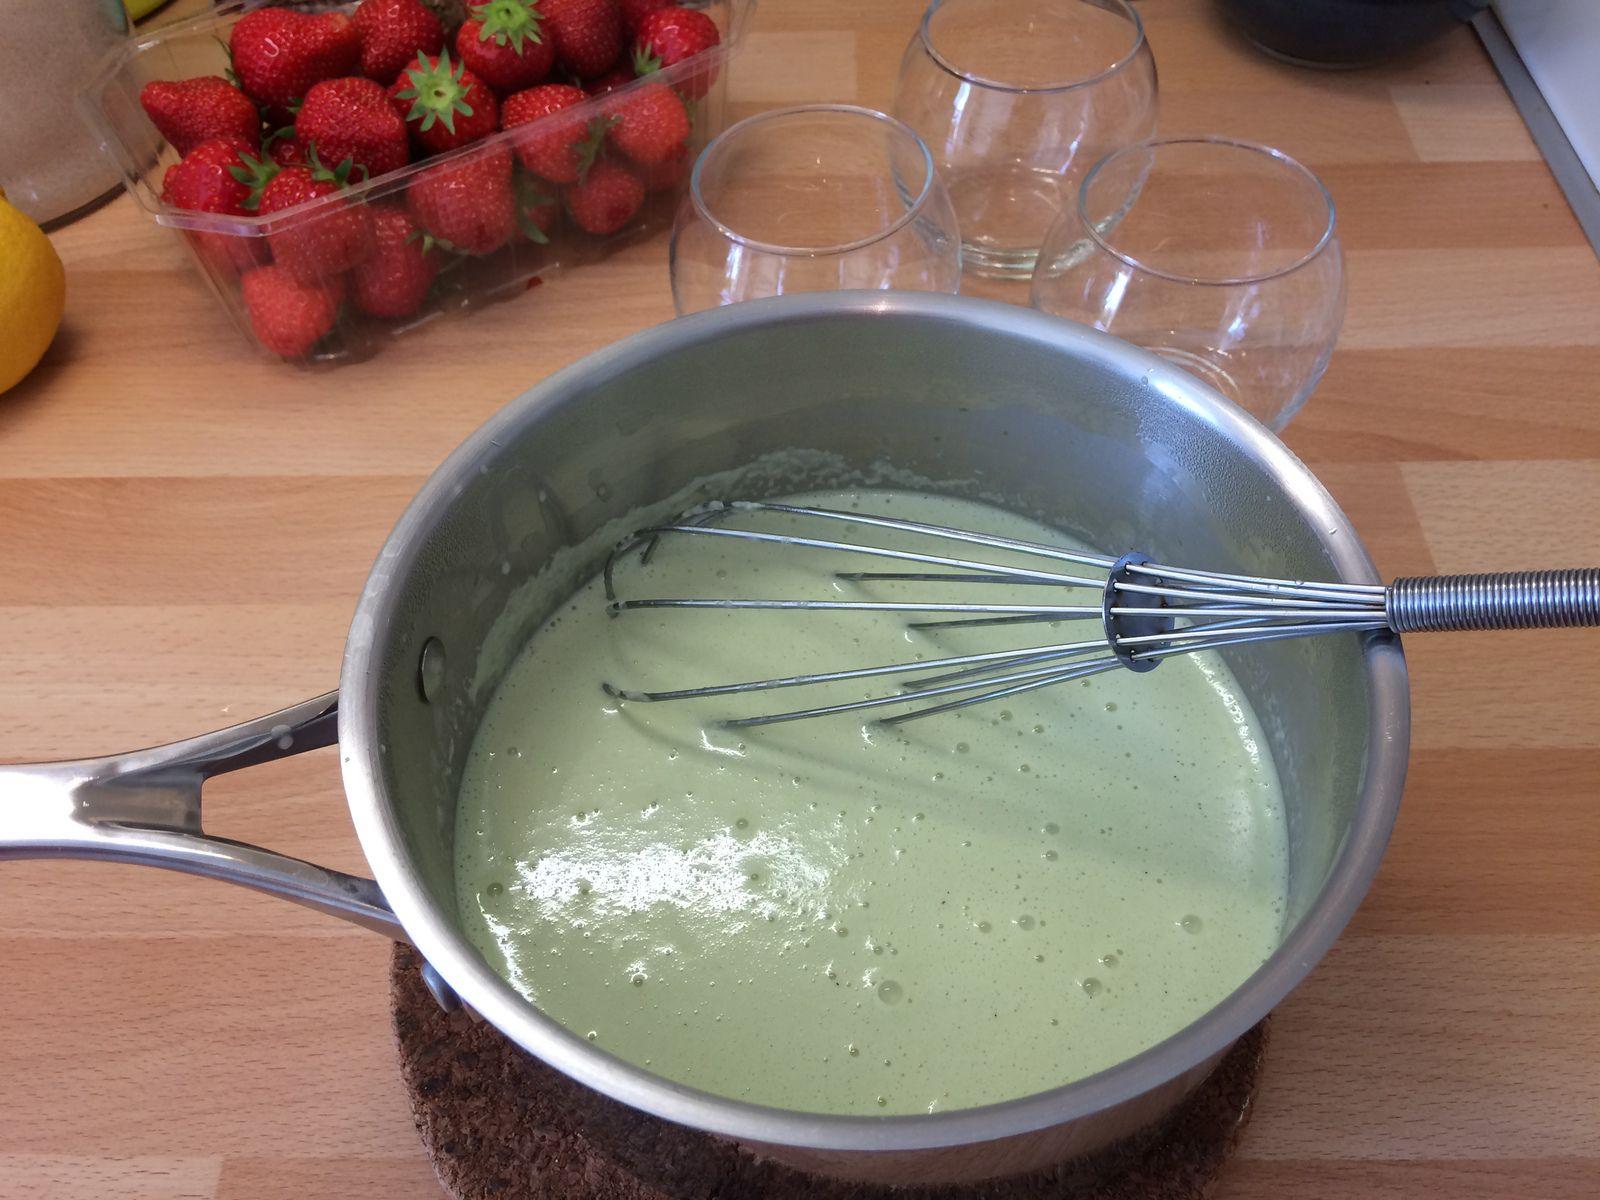 Hors du feu, on ajoute les feuilles de gélatine essorées dans le mélange bouillant, et on mélange au fouet pour bien dissoudre la gélatine.